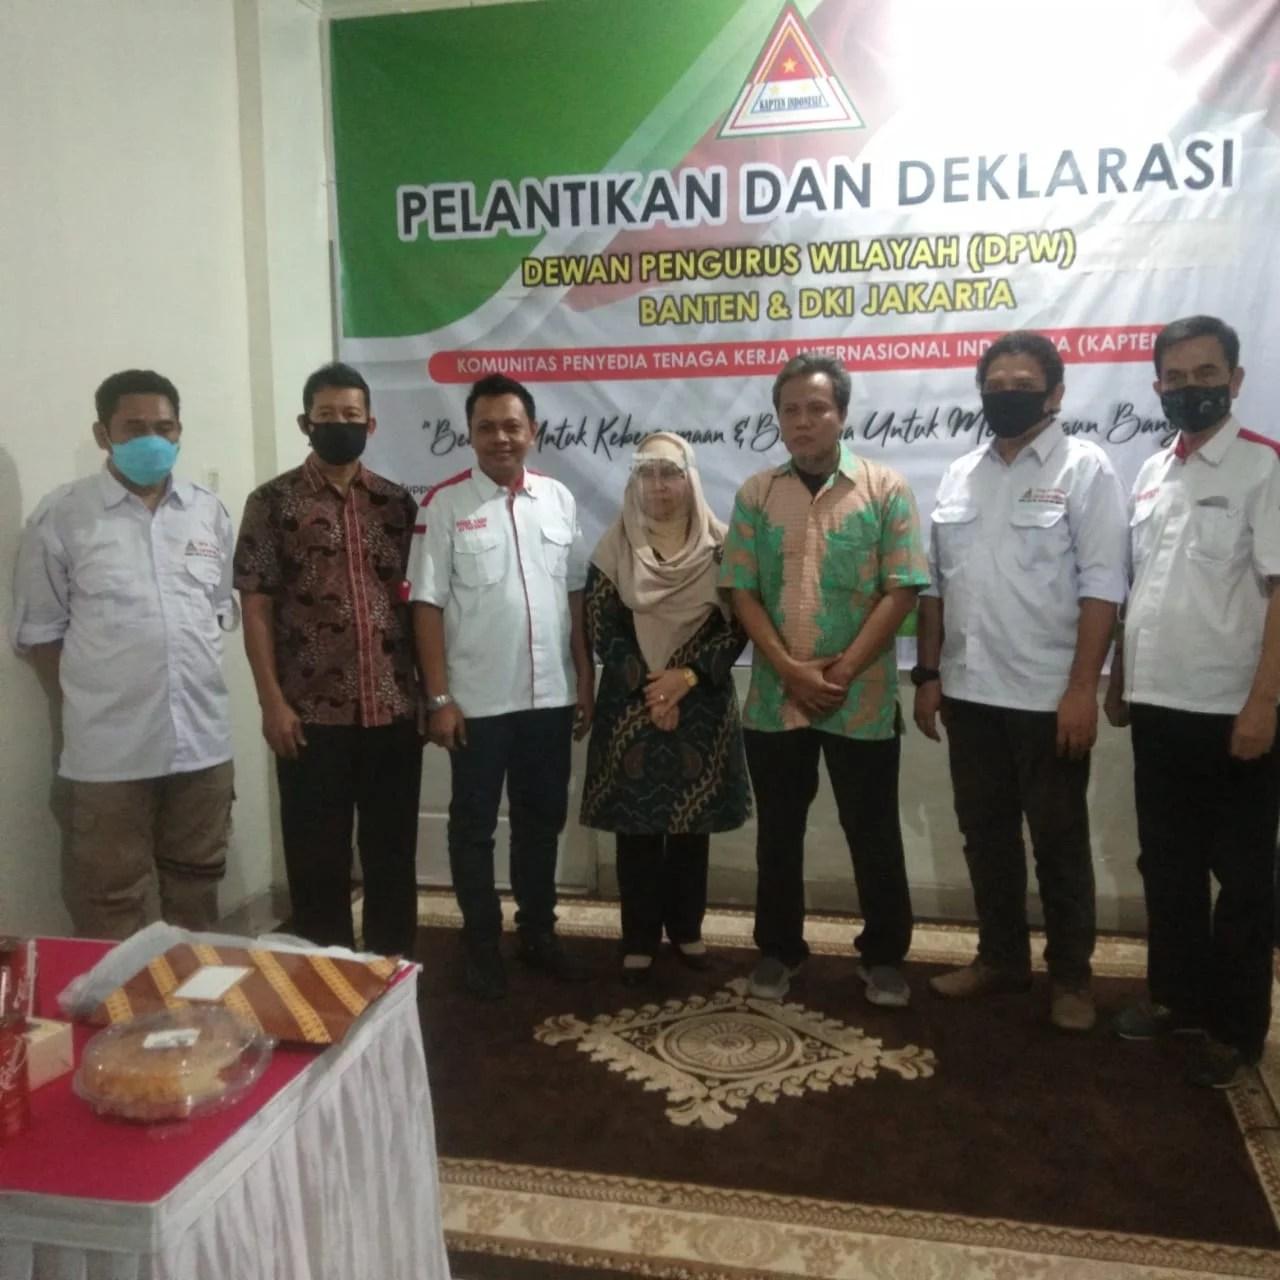 Gandeng PT. Pilar Kreasi Mandiri, Kapten Indonesia Berharap Bisa Berdampak Kesejahteraan Tenaga Kerja Indonesia